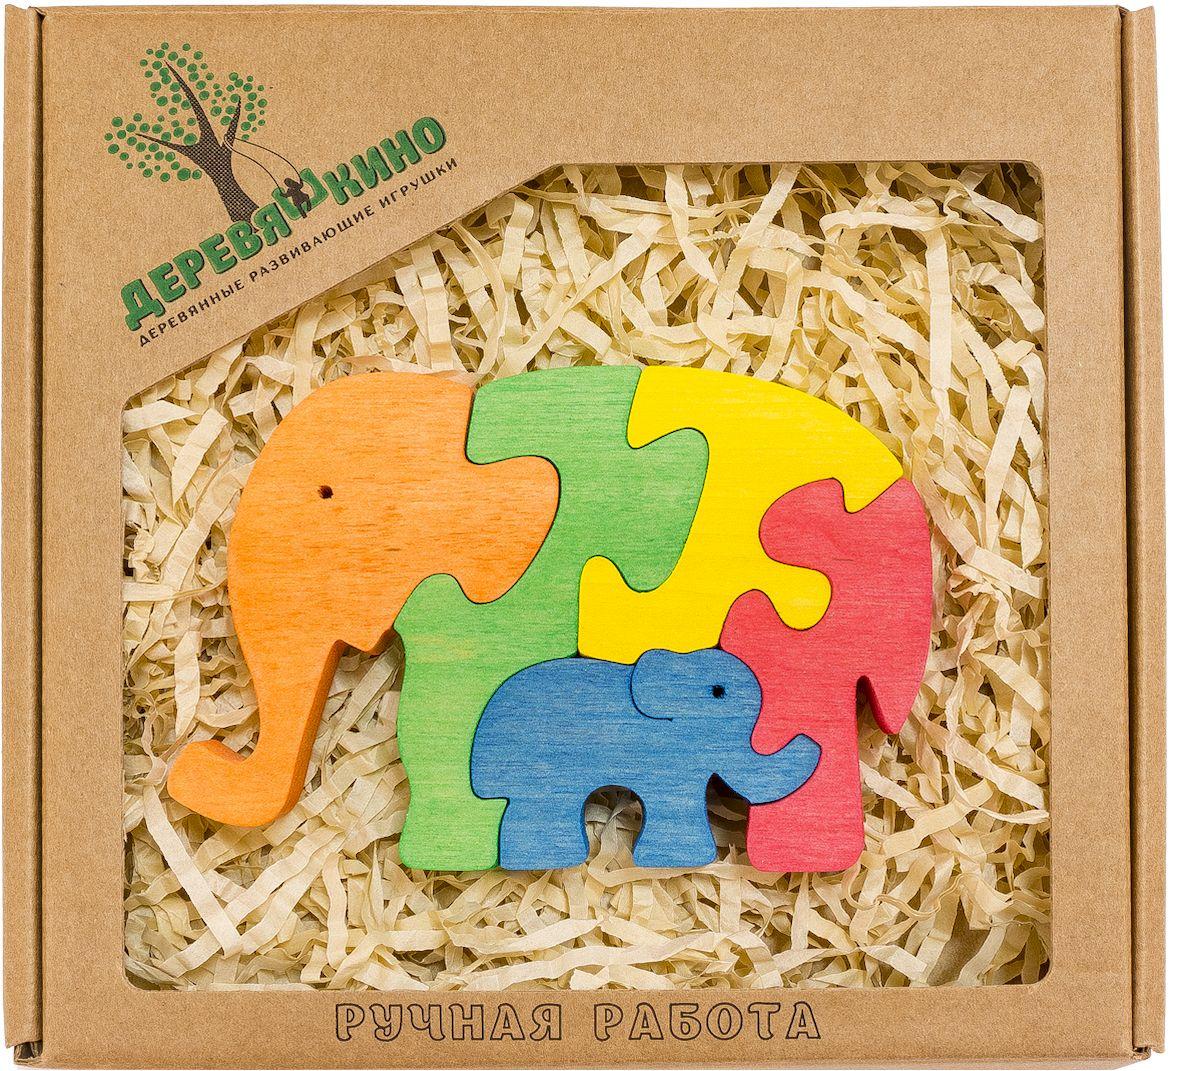 Деревяшкино Пазл для малышей Два слона598Развивающая деревянная головоломка Два слона (средней степени сложности) подходит для мальчиков и девочек в возрасте 3-5лет, состоит из 5 деталей. Экологически чистый продукт: изготовлено вручную из массива березы. Игрушка раскрашена пищевой водостойкой краской, что делает взаимодействие с изделием абсолютно безопасным: никаких лаков, «химии» или добавок. Процесс сборки деревянной головоломки развивает: тактильную сенсорику, внимательность, усидчивость, пространственное мышление, мелкую моторику, а так же учит различать элементы по цвету, форме и размеру. С продукцией компании Деревяшкино, Ваши детки развиваются, играя без риска для здоровья.